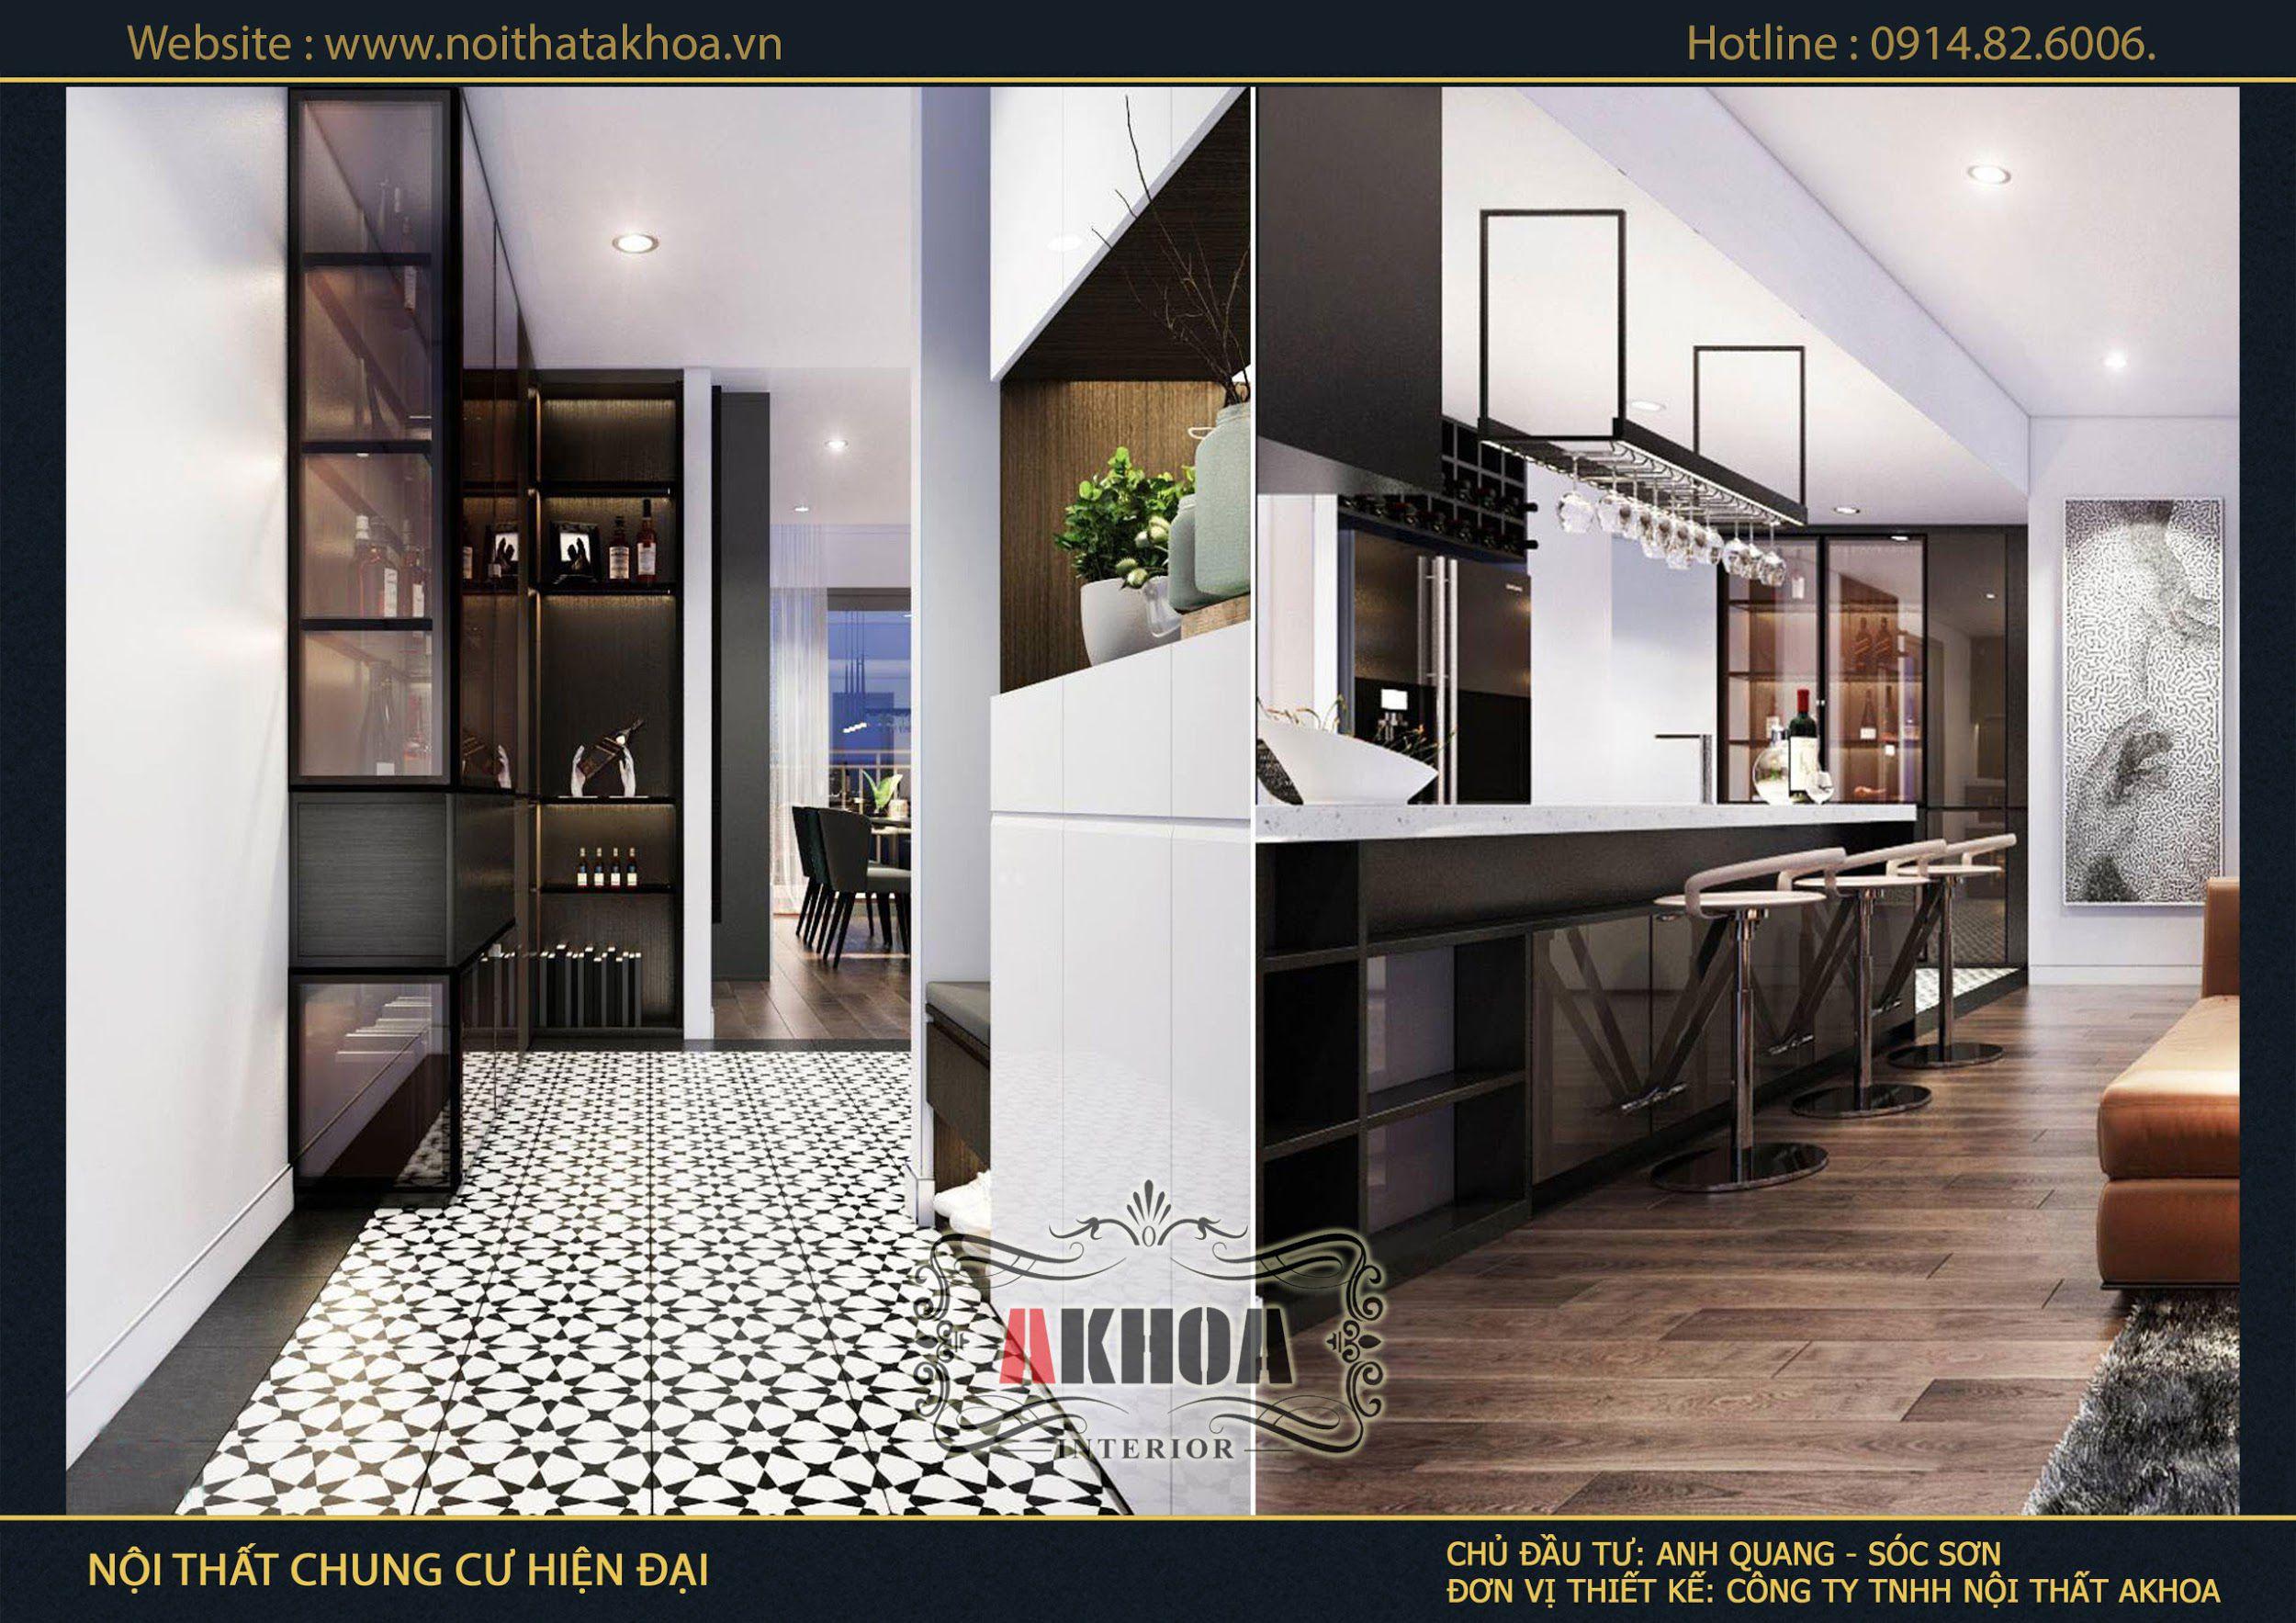 Dự án thi công nội thất chung cư tại Sóc Sơn